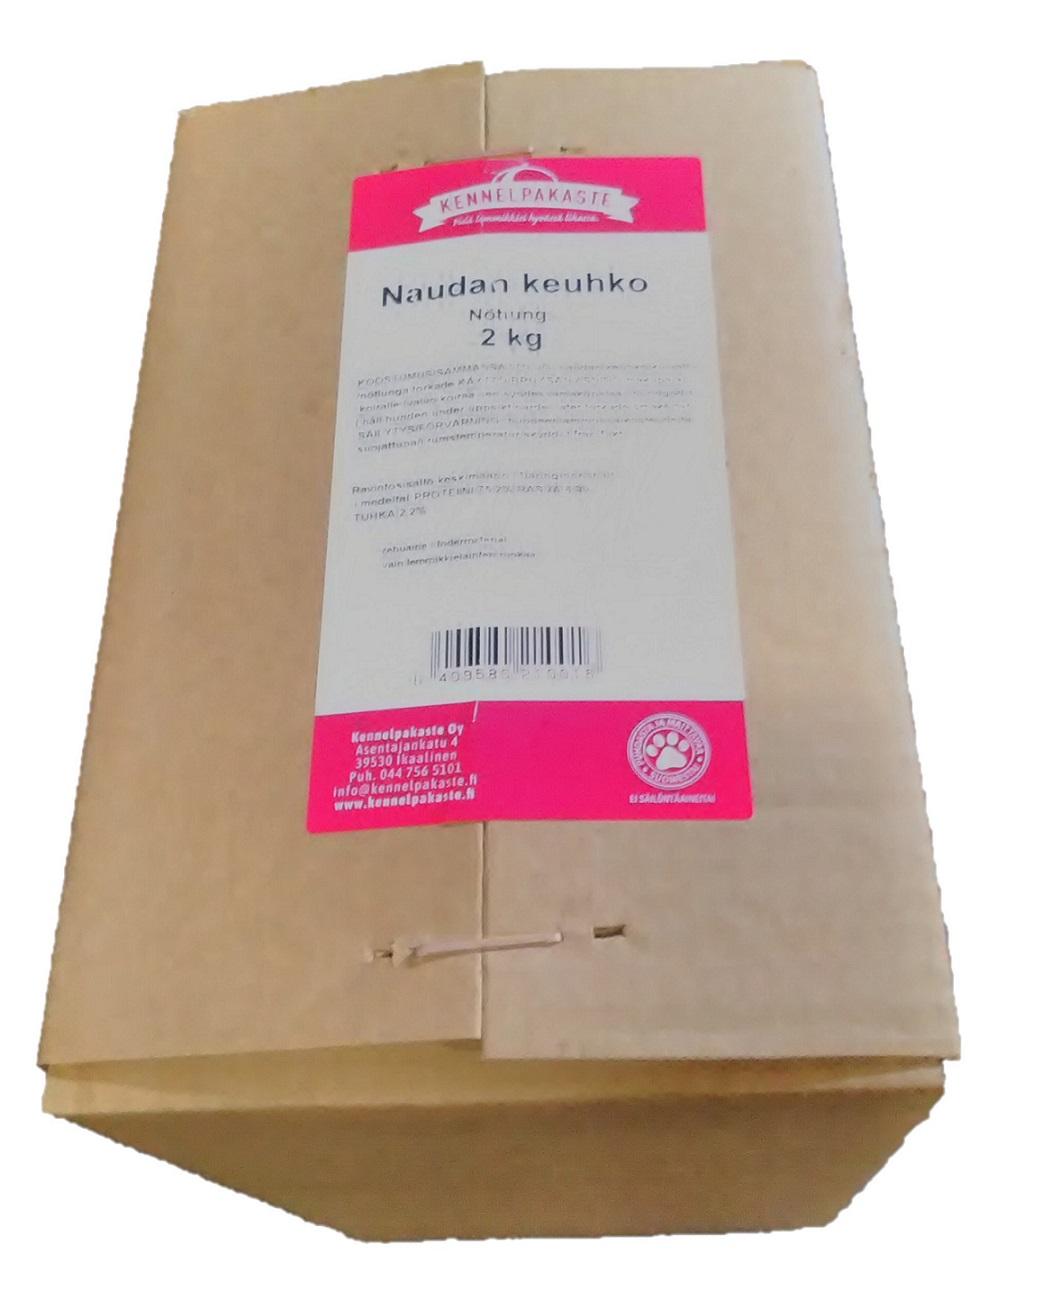 Kuivattu Naudan keuhko 2kg Kennelpakaste, PE 12.09.19